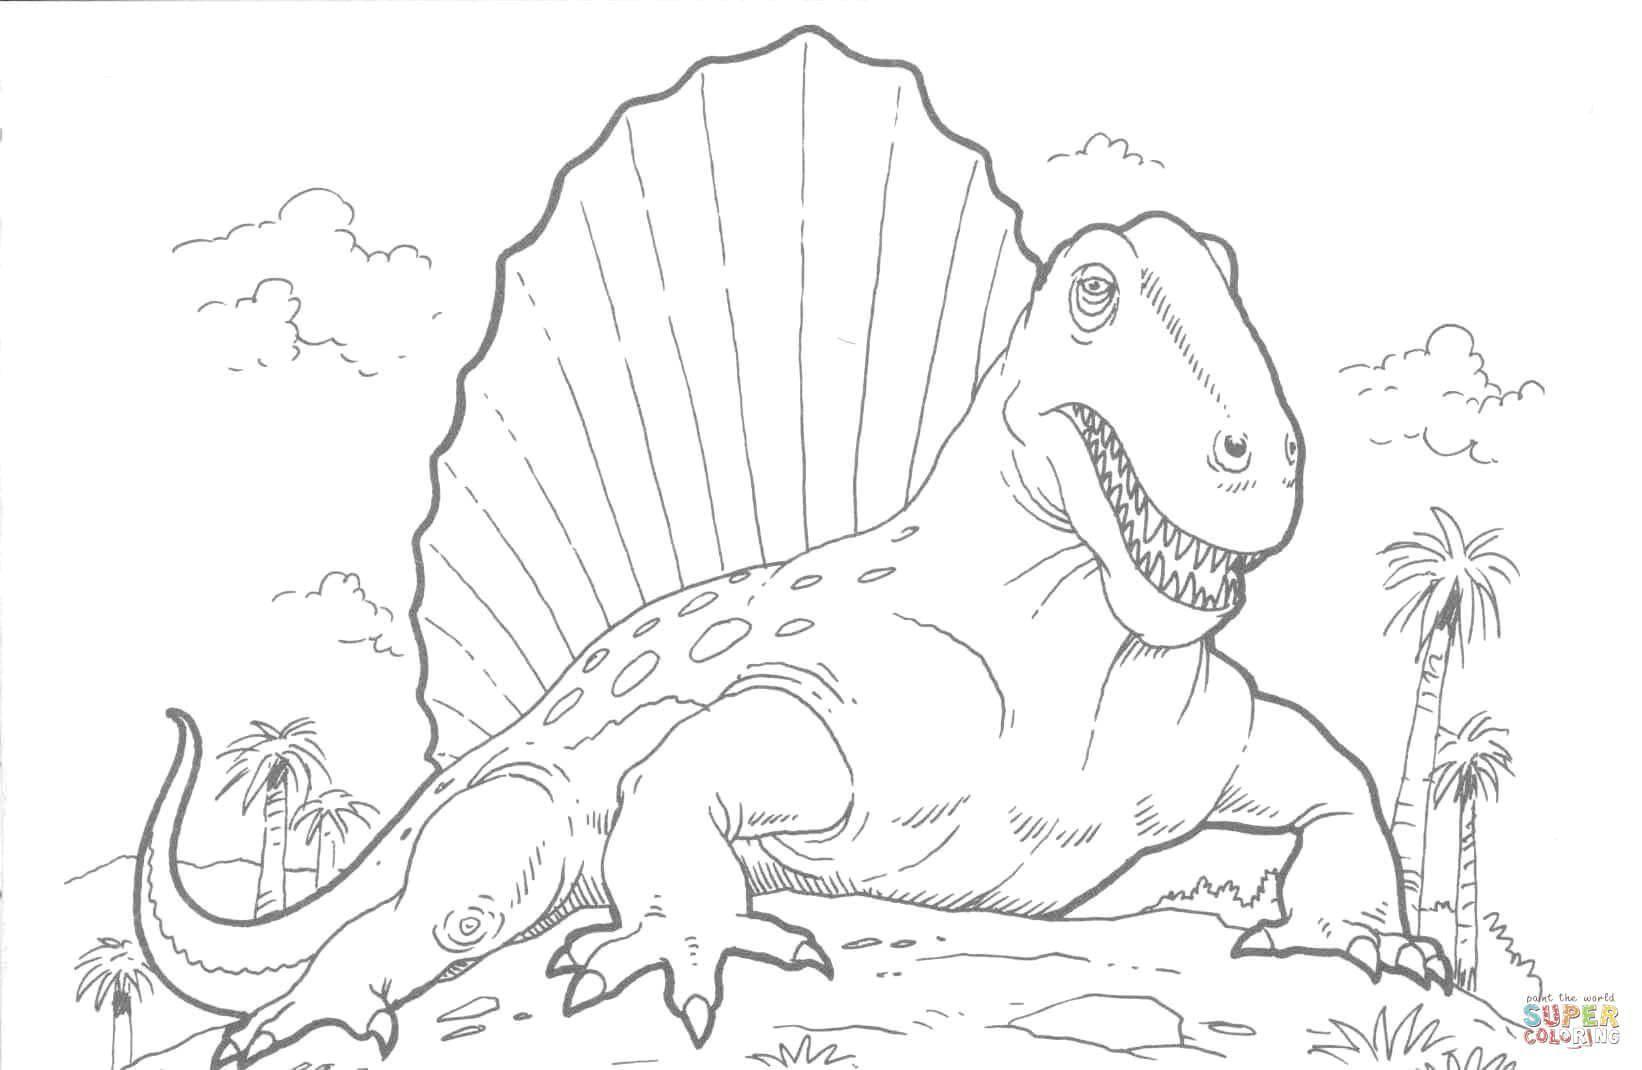 Название: Раскраска Древний ящер. Категория: динозавр. Теги: Динозавры.